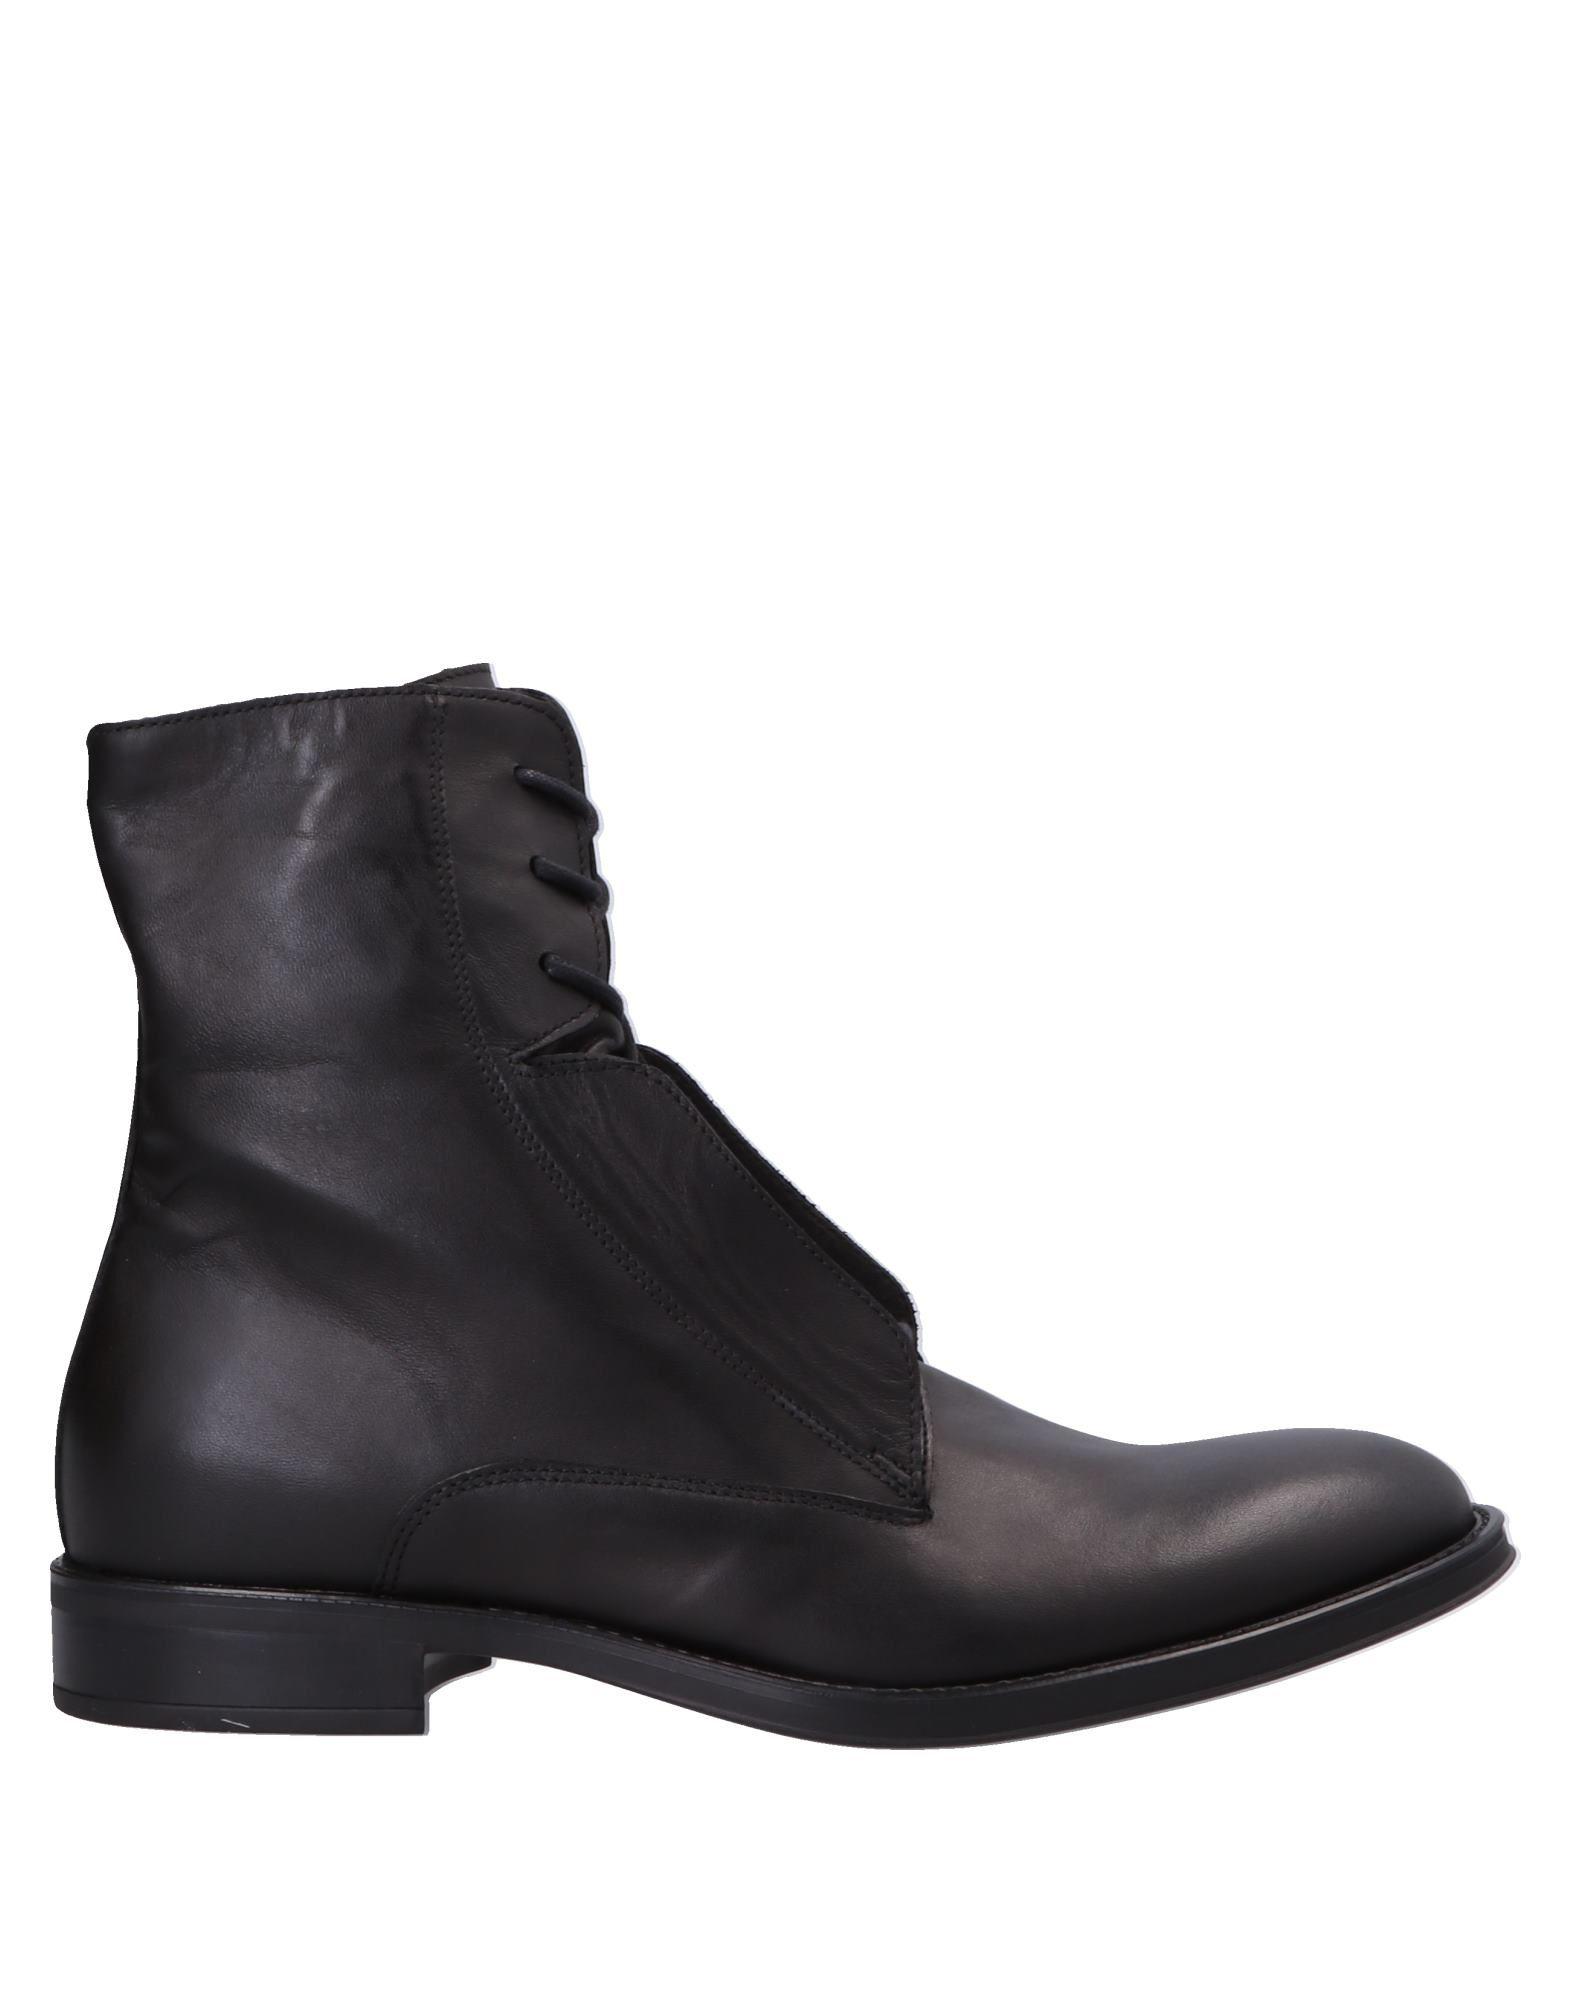 Gianfranco Lattanzi Stiefelette Herren  11556384JH Gute Qualität beliebte Schuhe